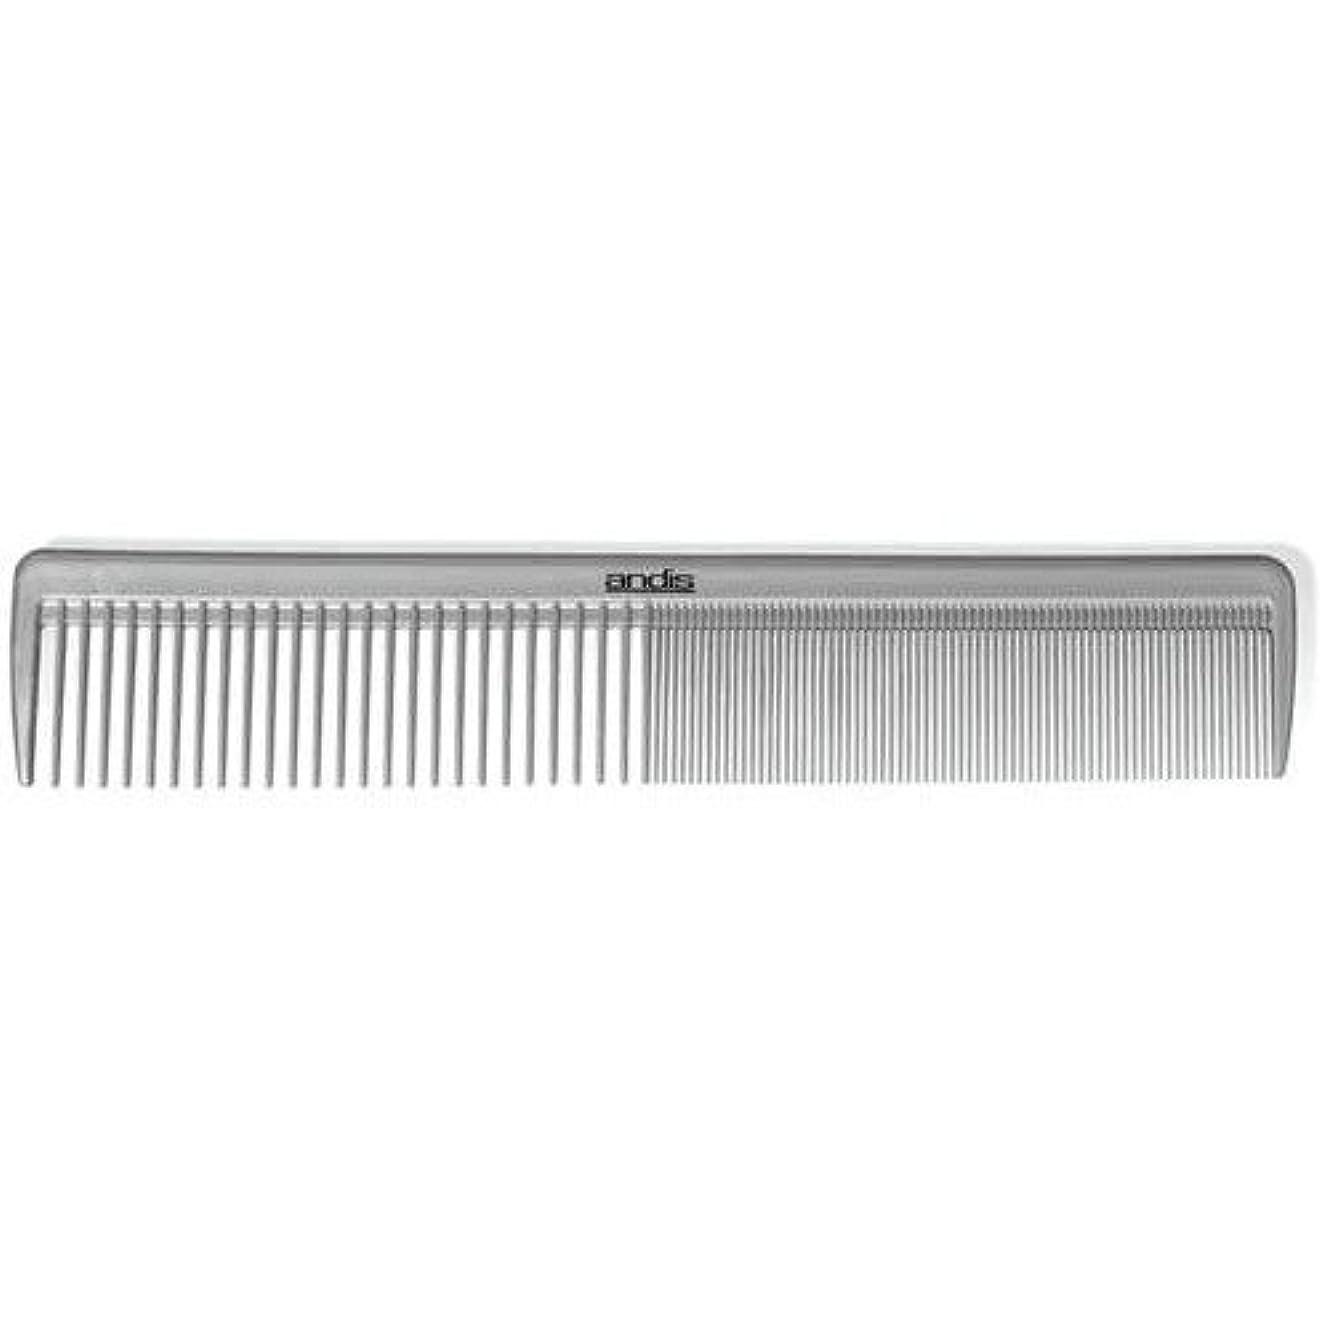 断線誕生現実にはAndis Grey 12410 Cutting Comb [並行輸入品]